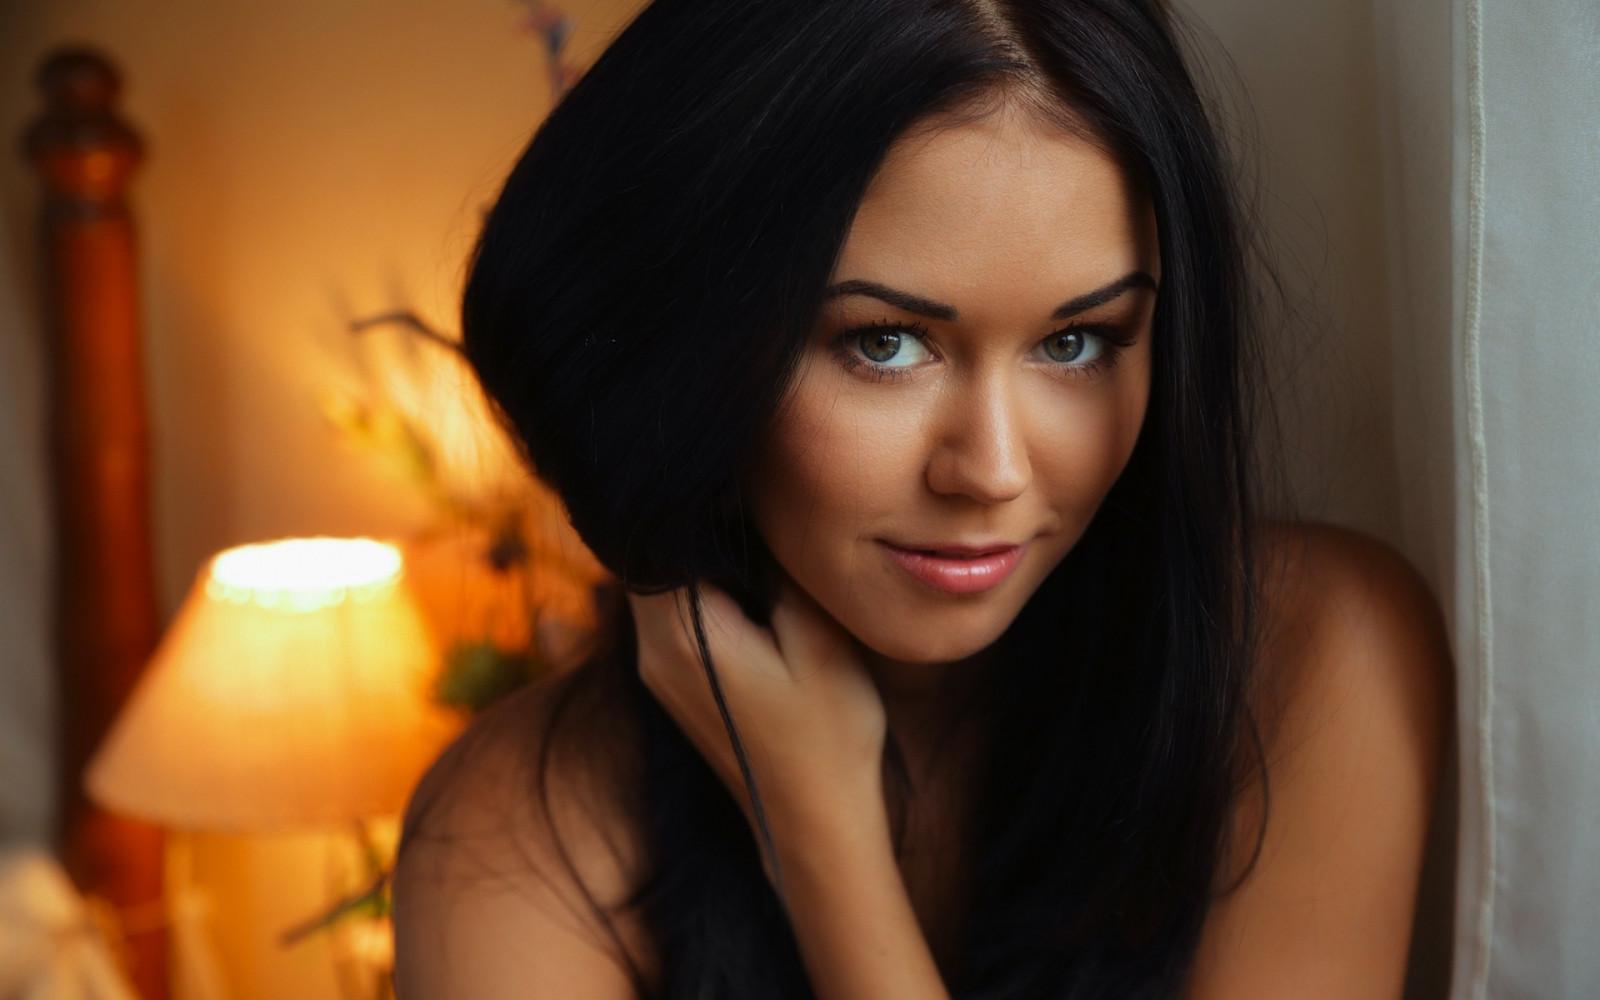 Красивые девушки брюнетки фото реальные фото